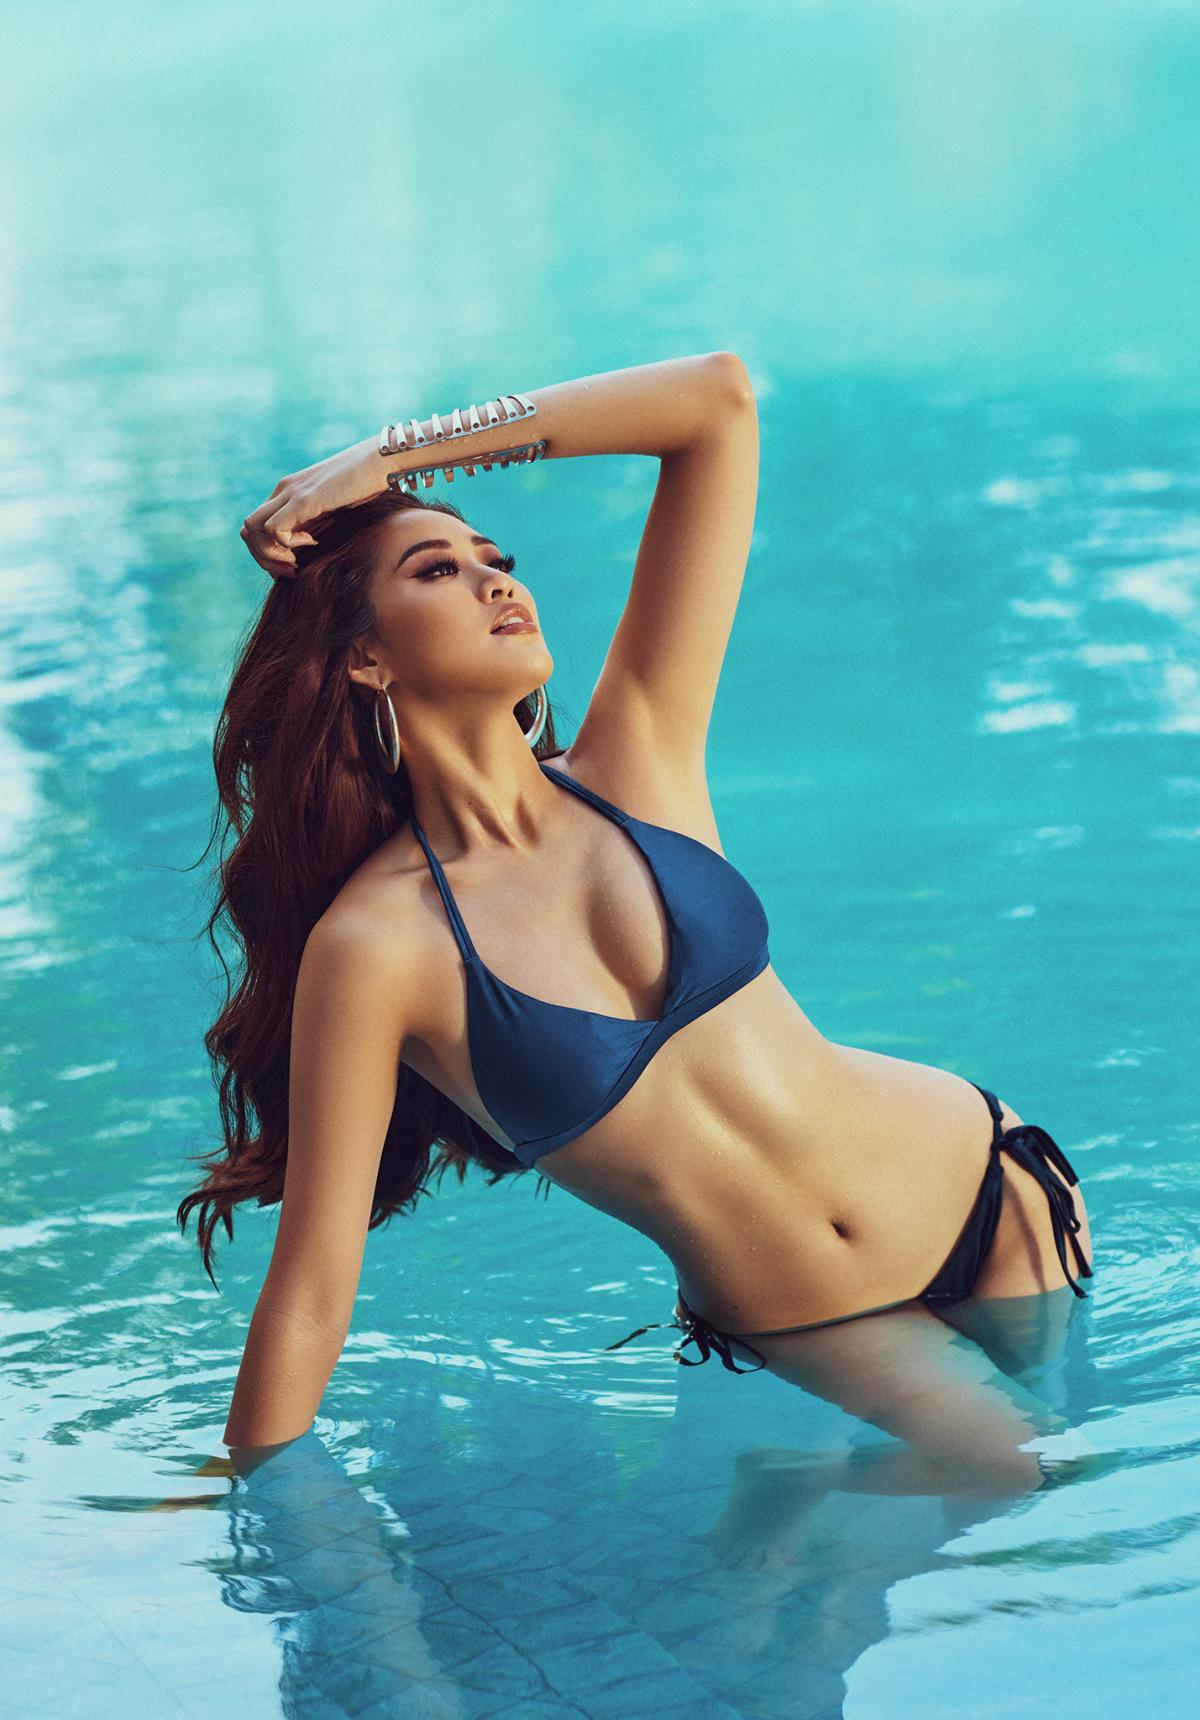 Mãn nhãn bộ ảnh bikini nóng bỏng của Hoa hậu Khánh Vân tại hồ bơi - Ảnh 8.